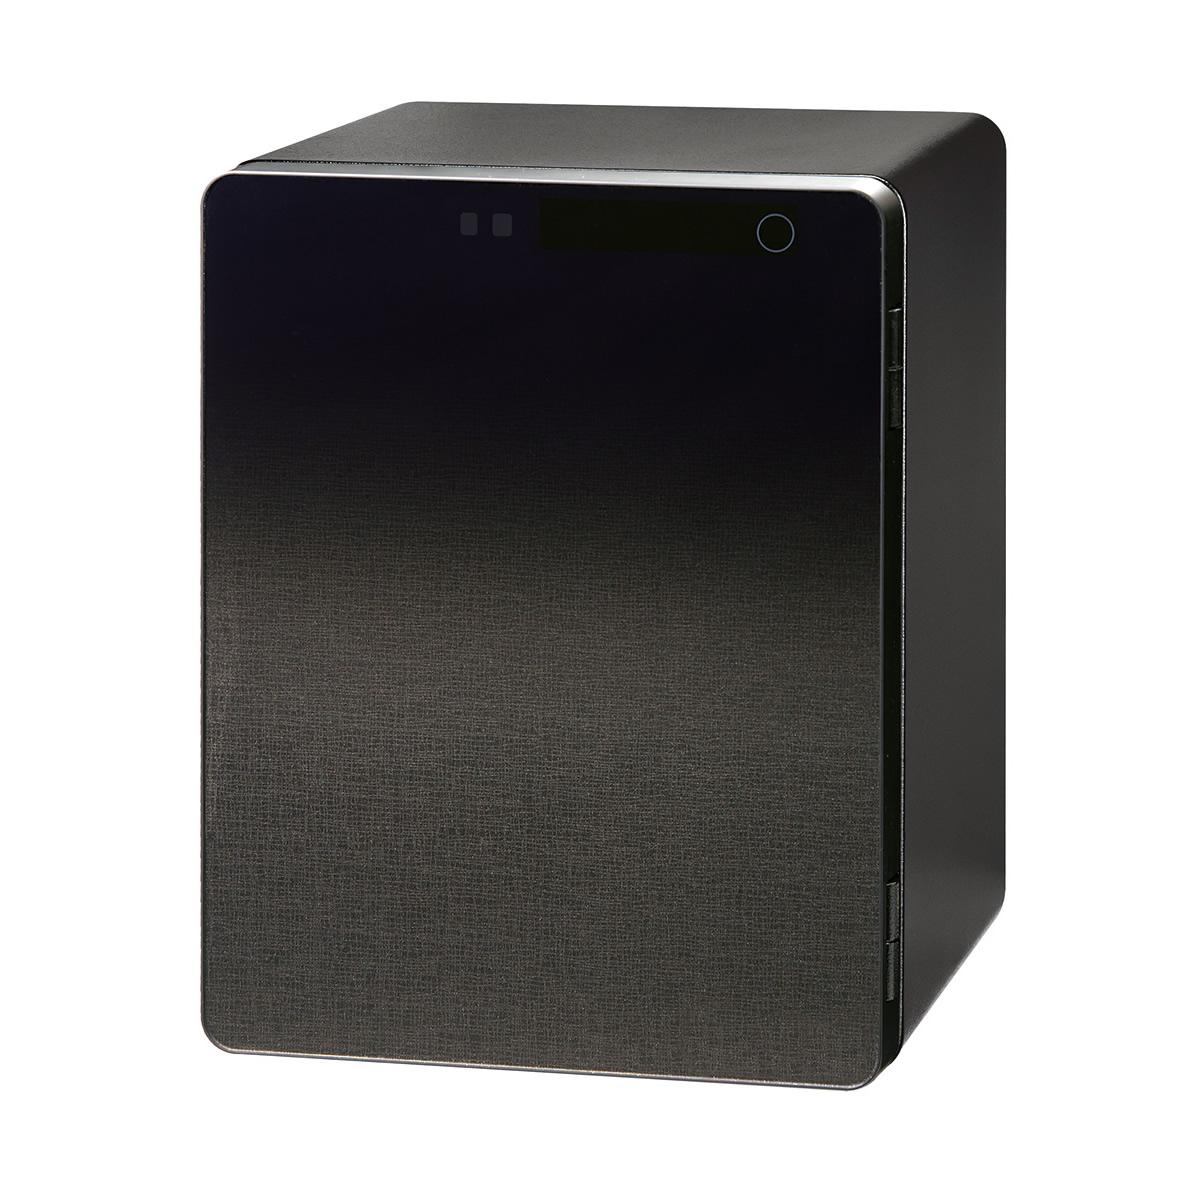 グラデーションカラーを施した フルフラットなデザインパネル 金庫 全品送料無料 ICB-040 卸売り エーコー40L タッチパネルテンキー